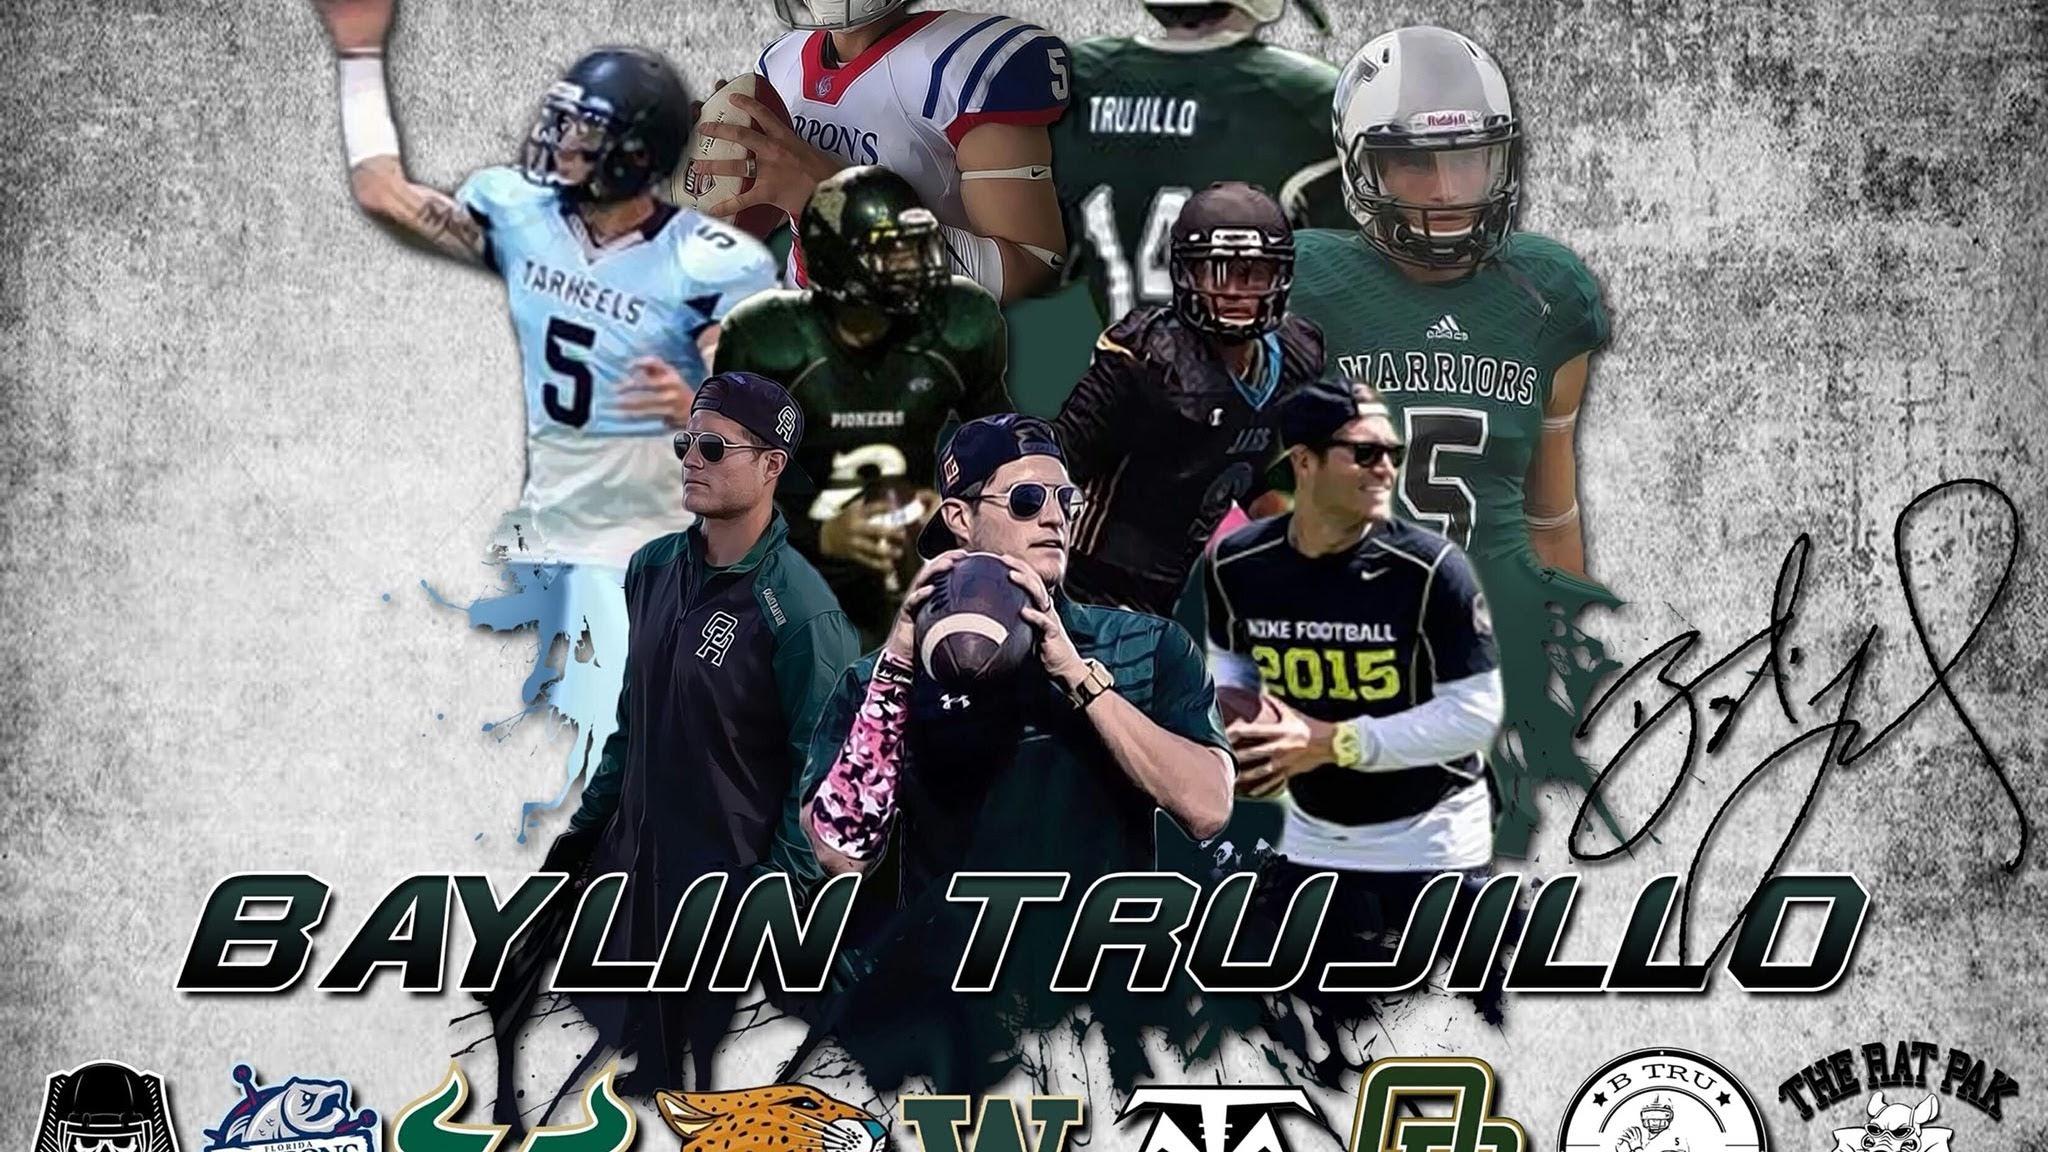 Baylin Trujillo